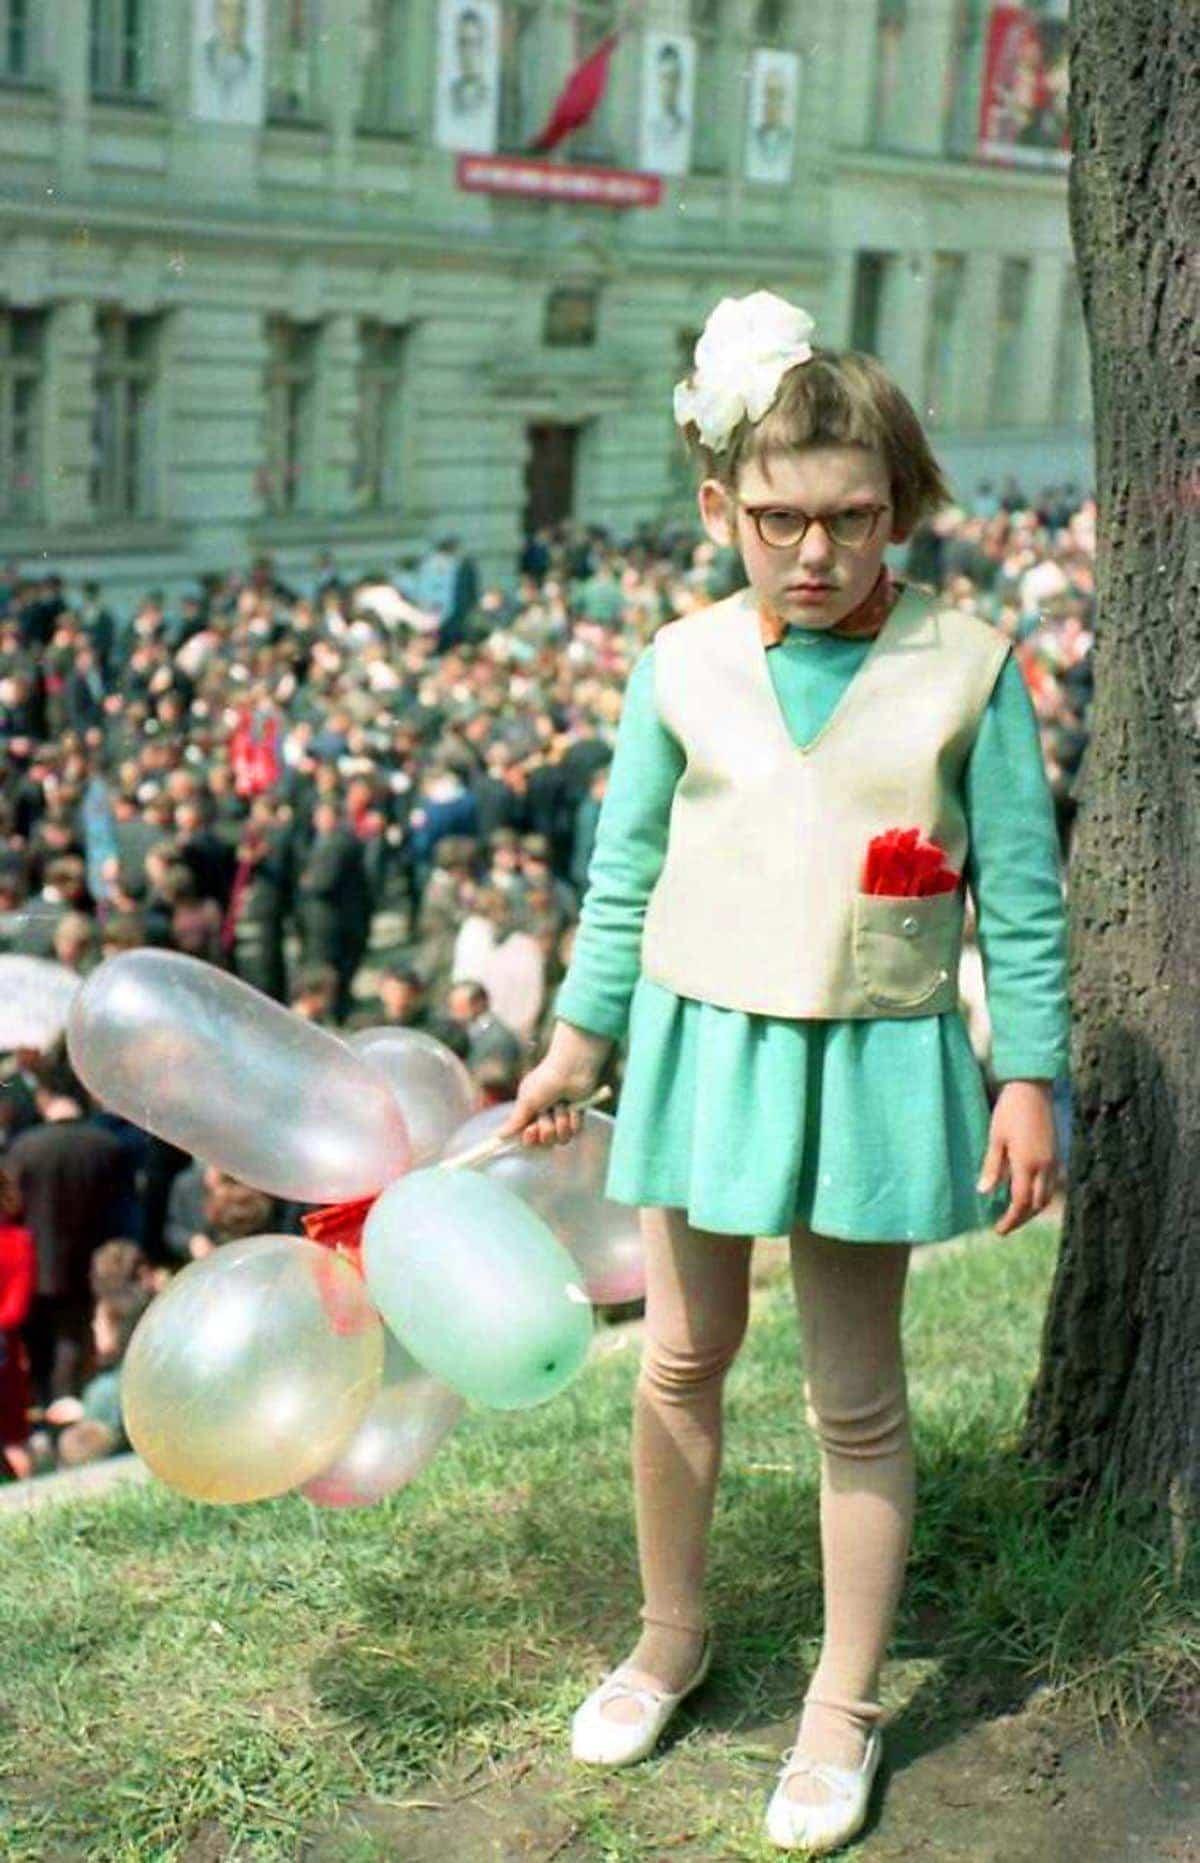 Mal wieder: Bilder aus der Kindheit, auf die niemand stolz sein kann | Lustiges | Was is hier eigentlich los?